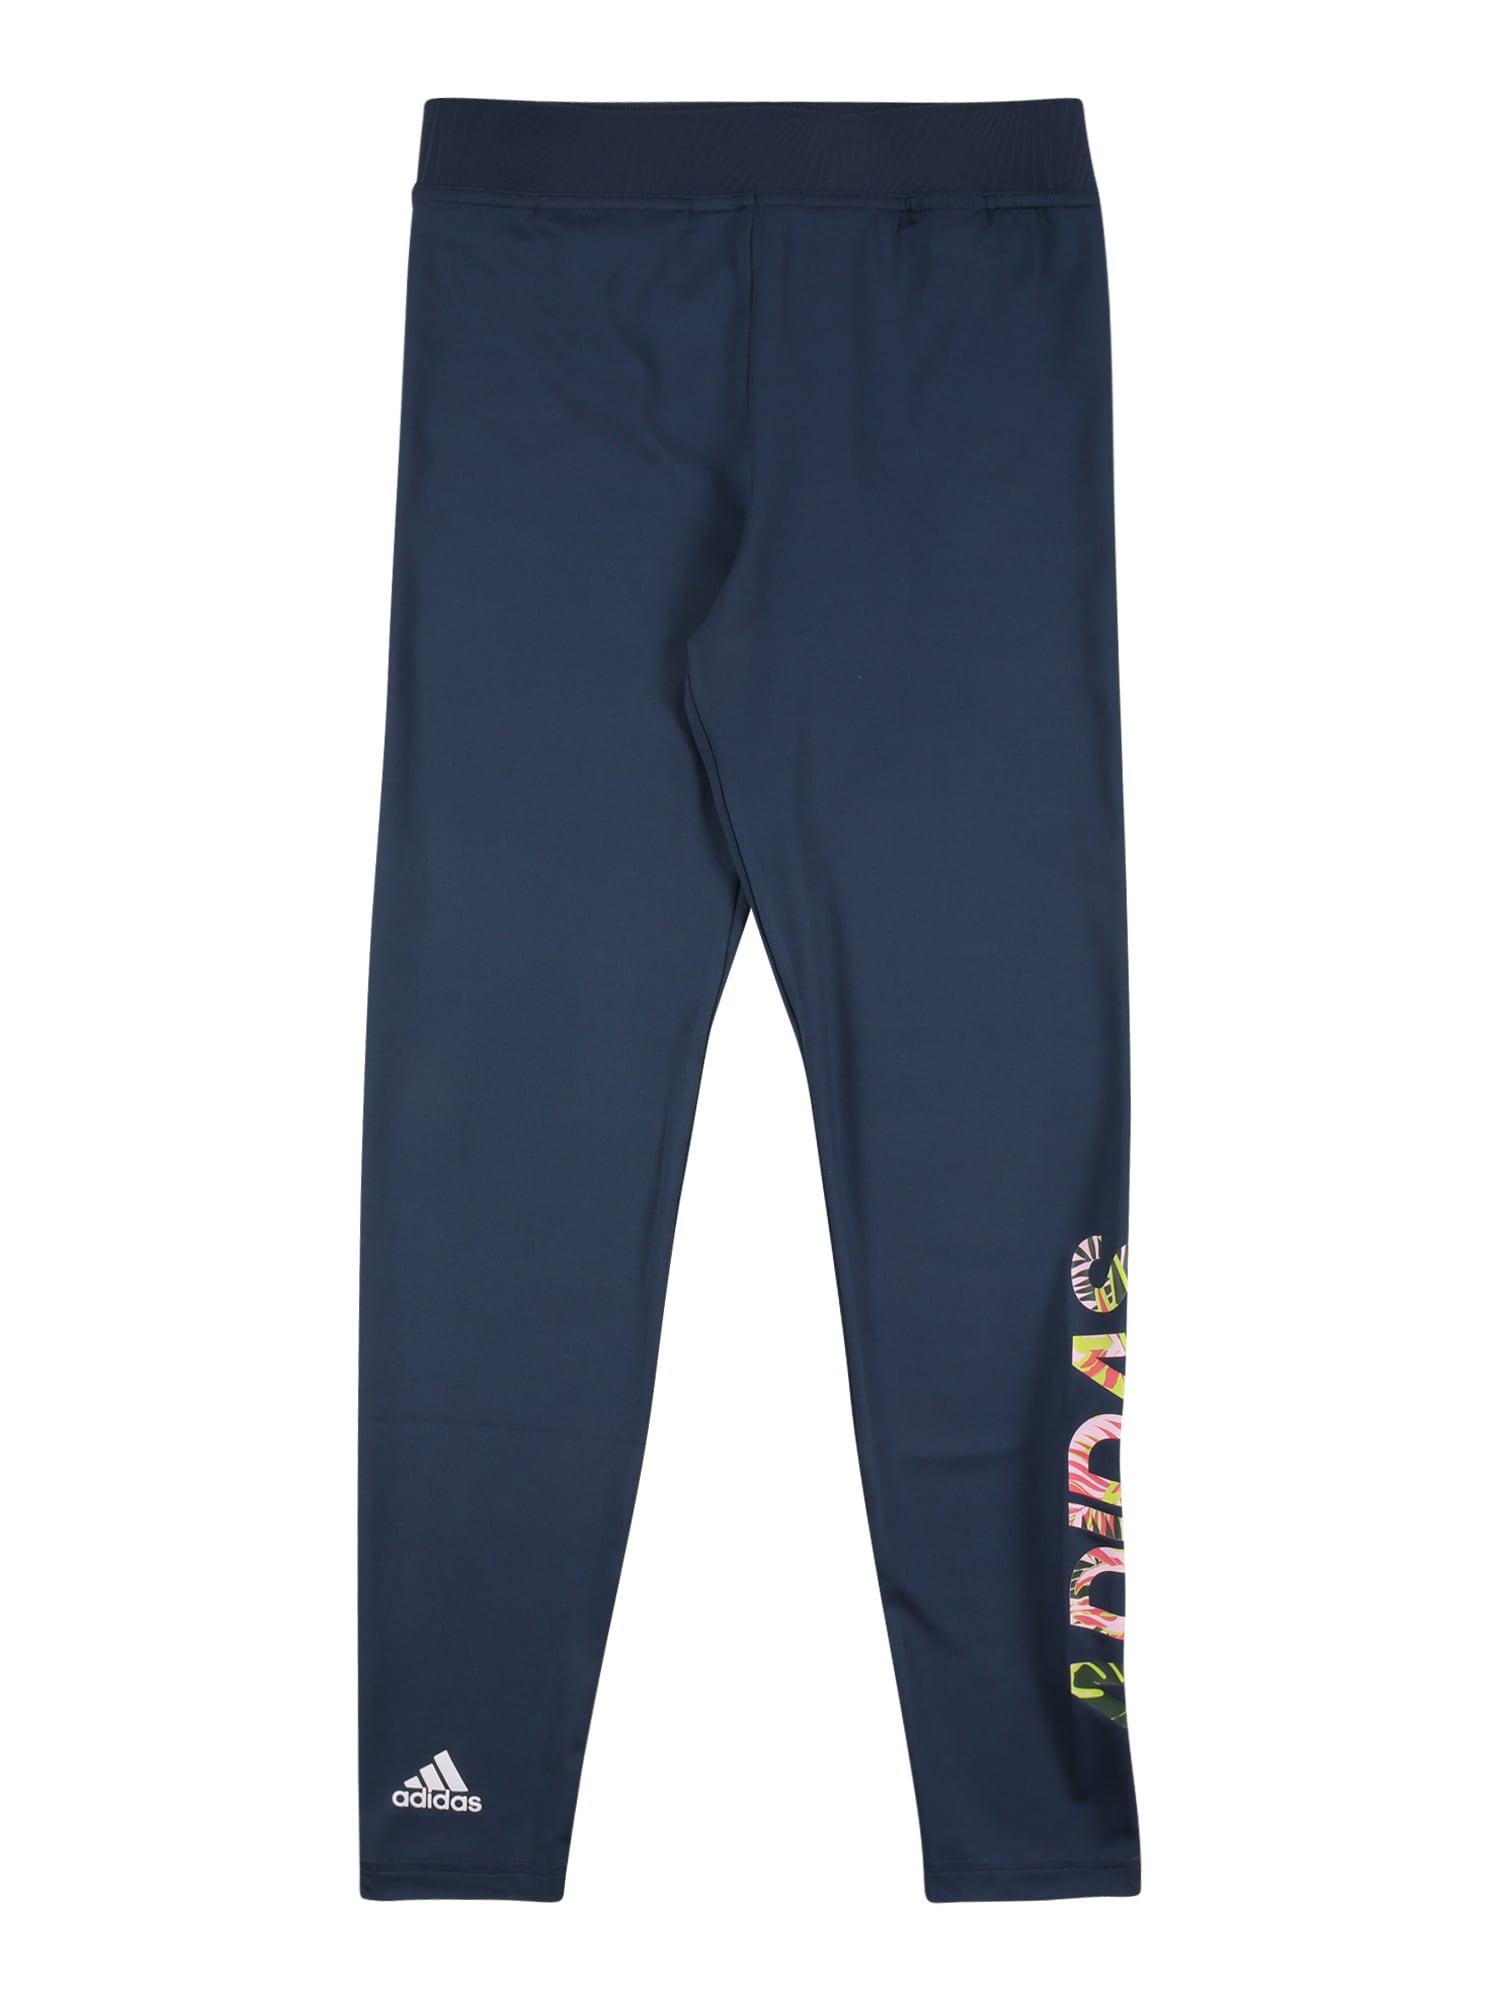 ADIDAS PERFORMANCE Sportinės kelnės tamsiai mėlyna / balta / rožių spalva / neoninė geltona / neoninė rožinė